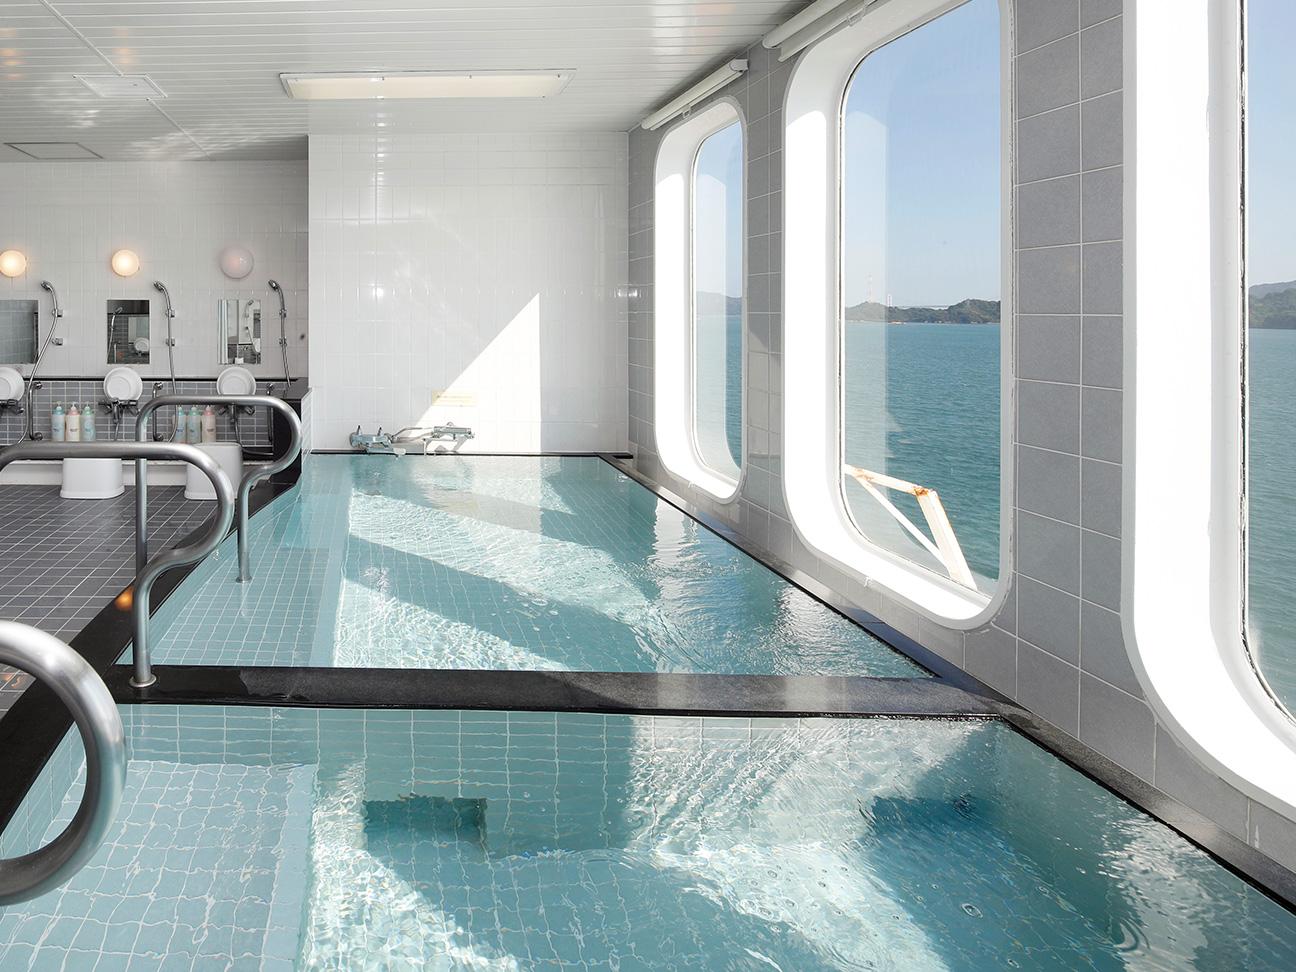 大海原を眺めながらの入浴が可能!